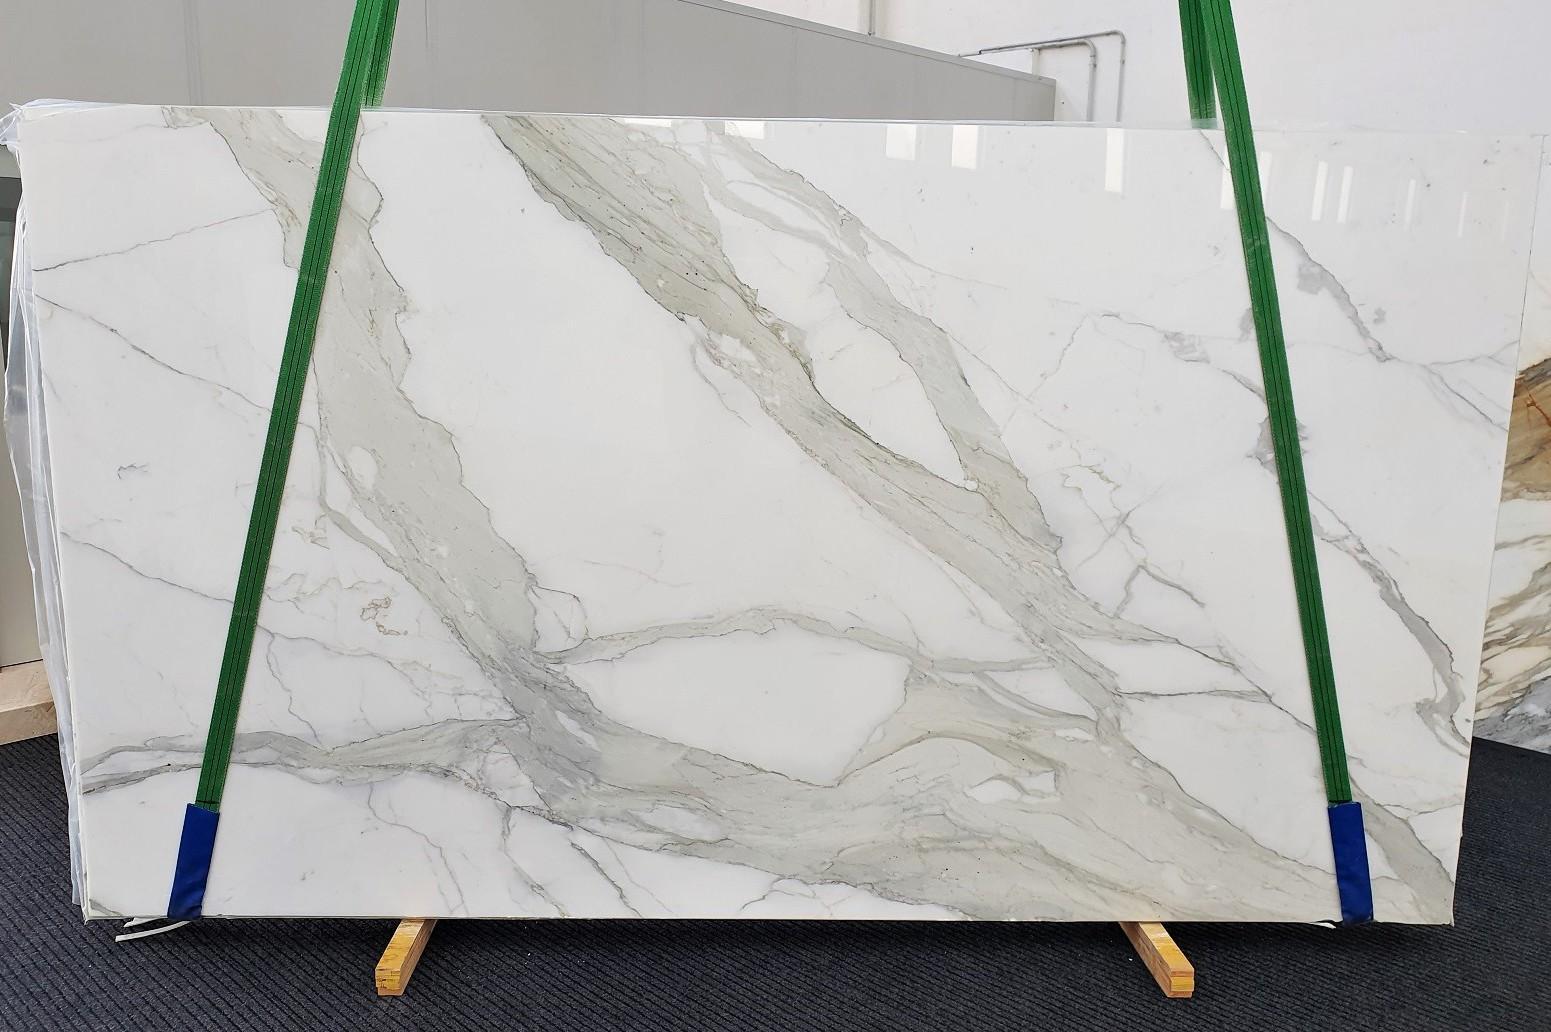 CALACATTA ORO EXTRA Supply Veneto (Italy) polished slabs 1366 , Slab #18 natural marble